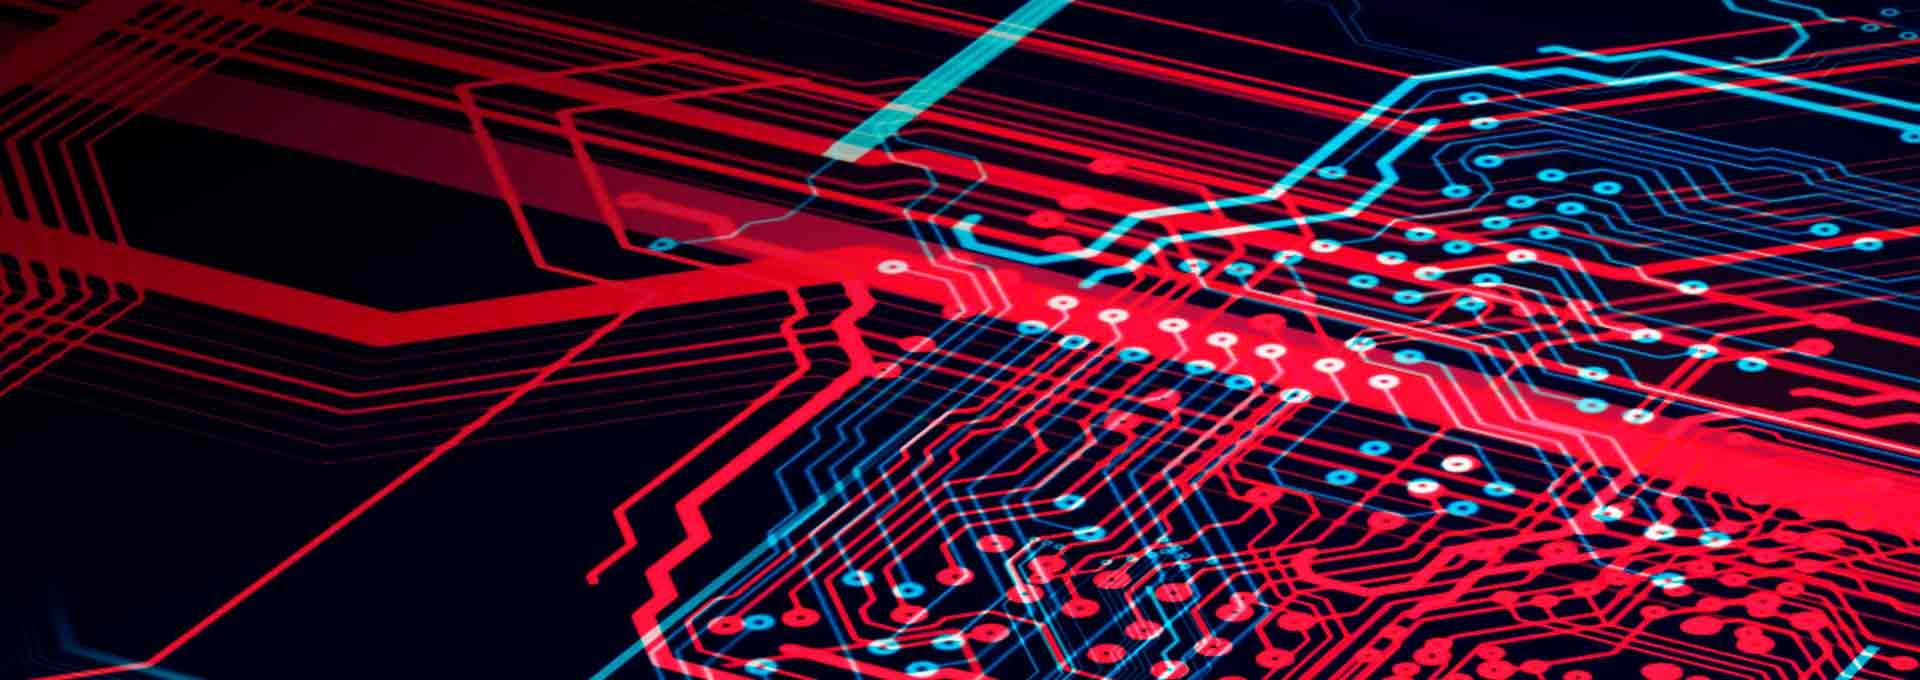 Illustration verschiedener roter Linien, die als technologische Visualisierung einer Bernafon Hörgeräte-Chip-Plattform dienen.